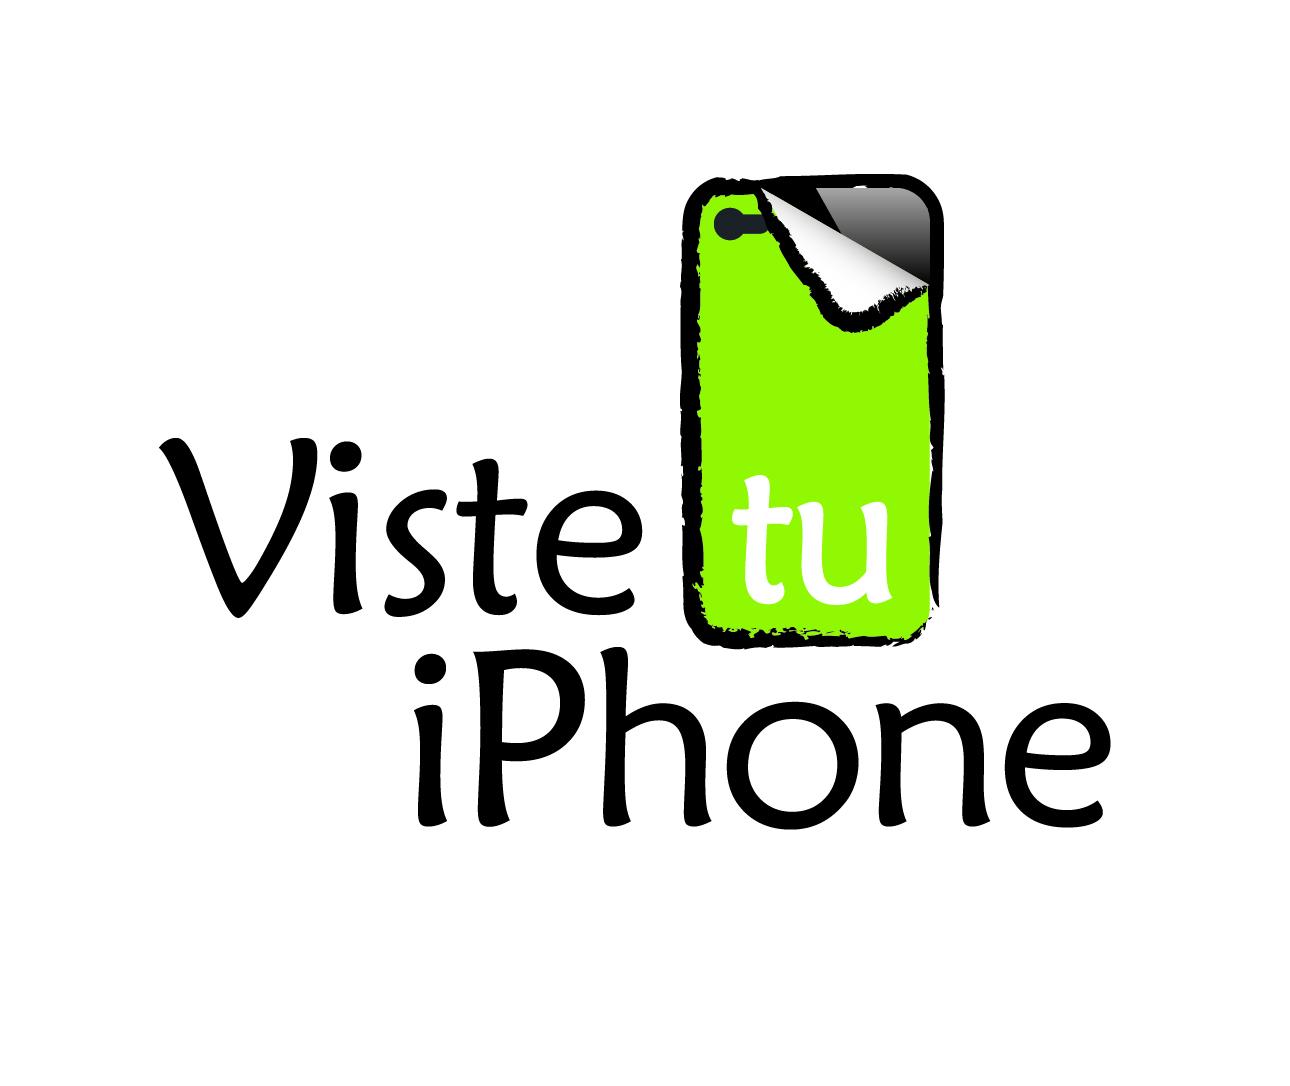 Lidia Martín Diseño: Logotipo y tarjeta de visita: Viste tu iphone